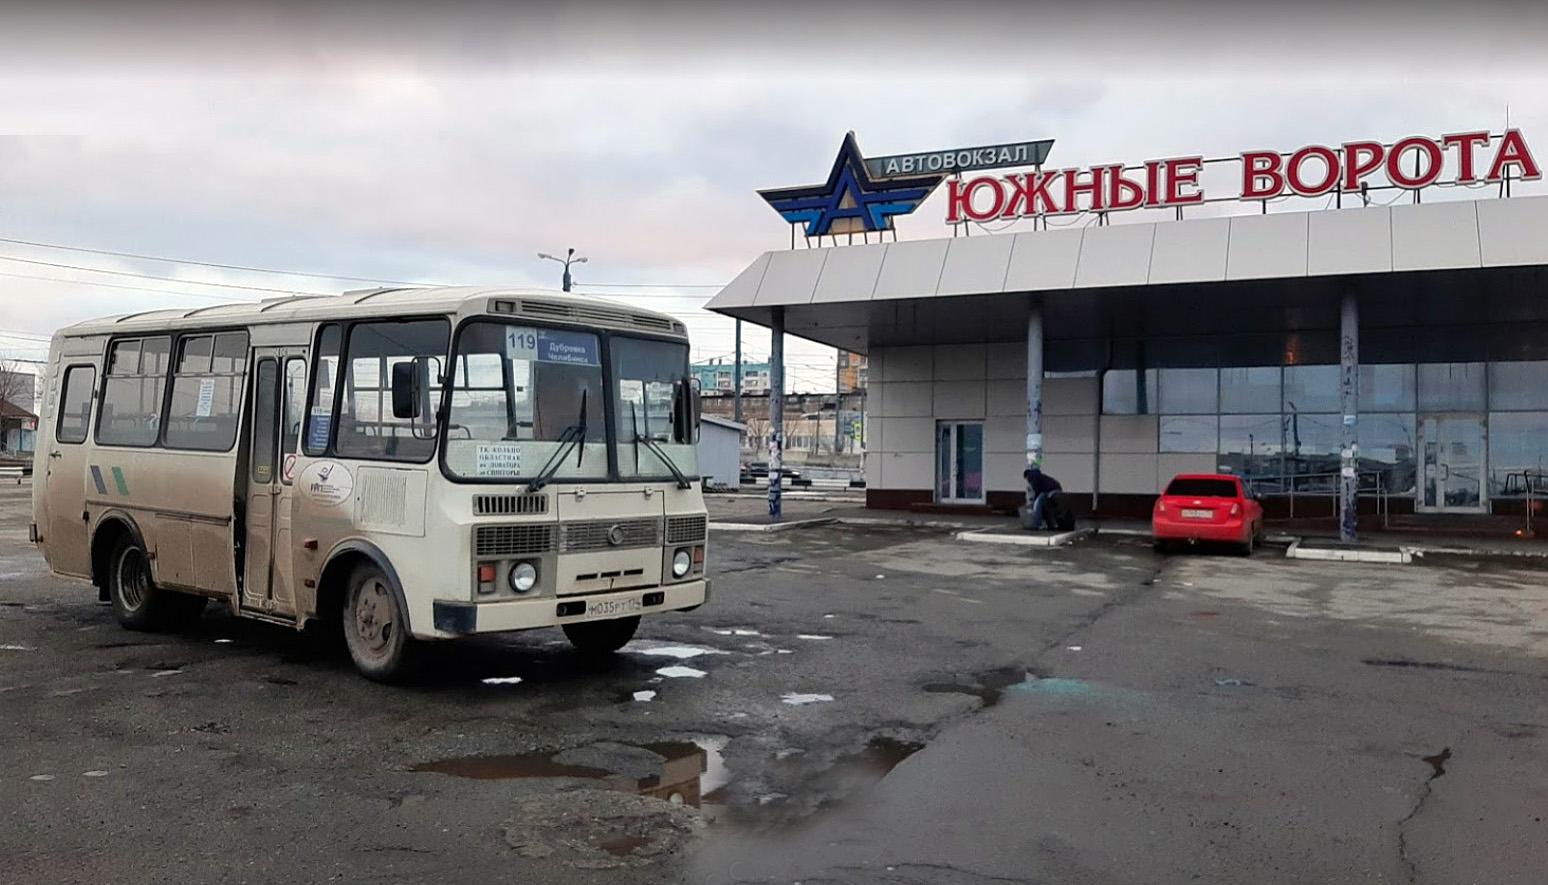 Автовокзал Синегорье в Челябинске рядом с жд вокзалом